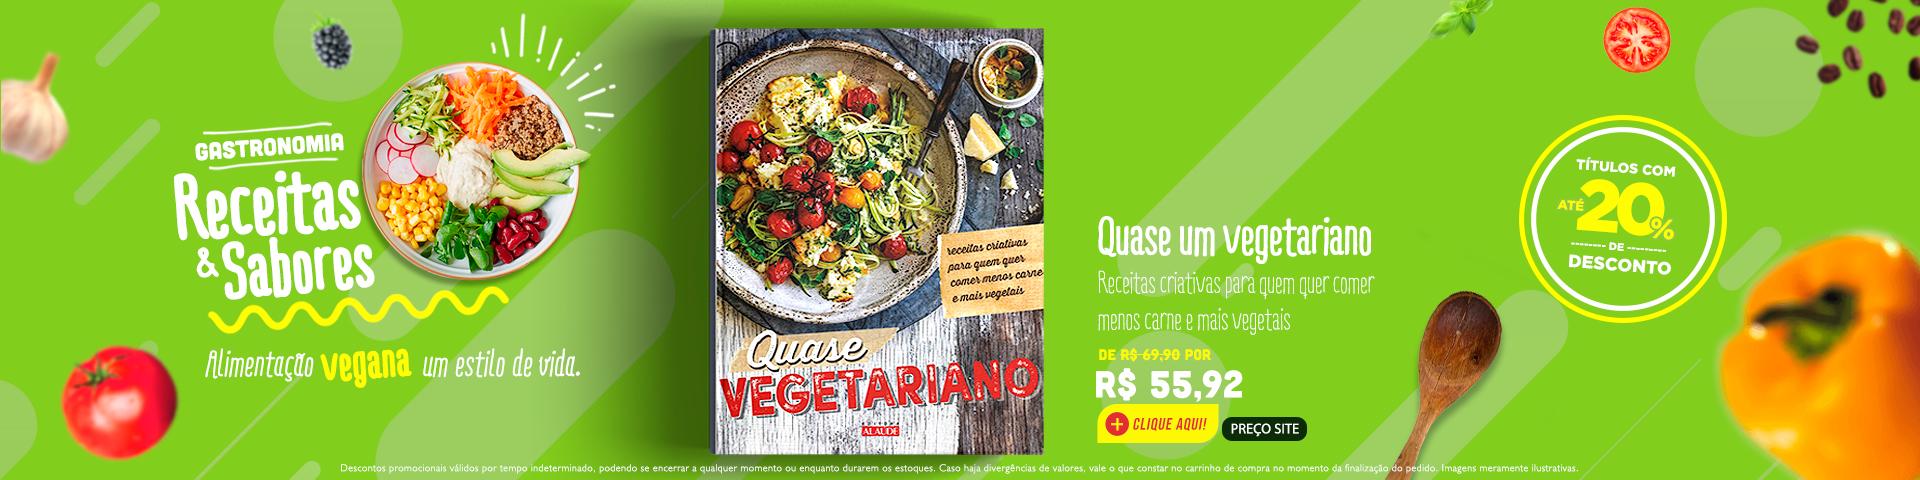 Gastronomia - Quase um vegetariano